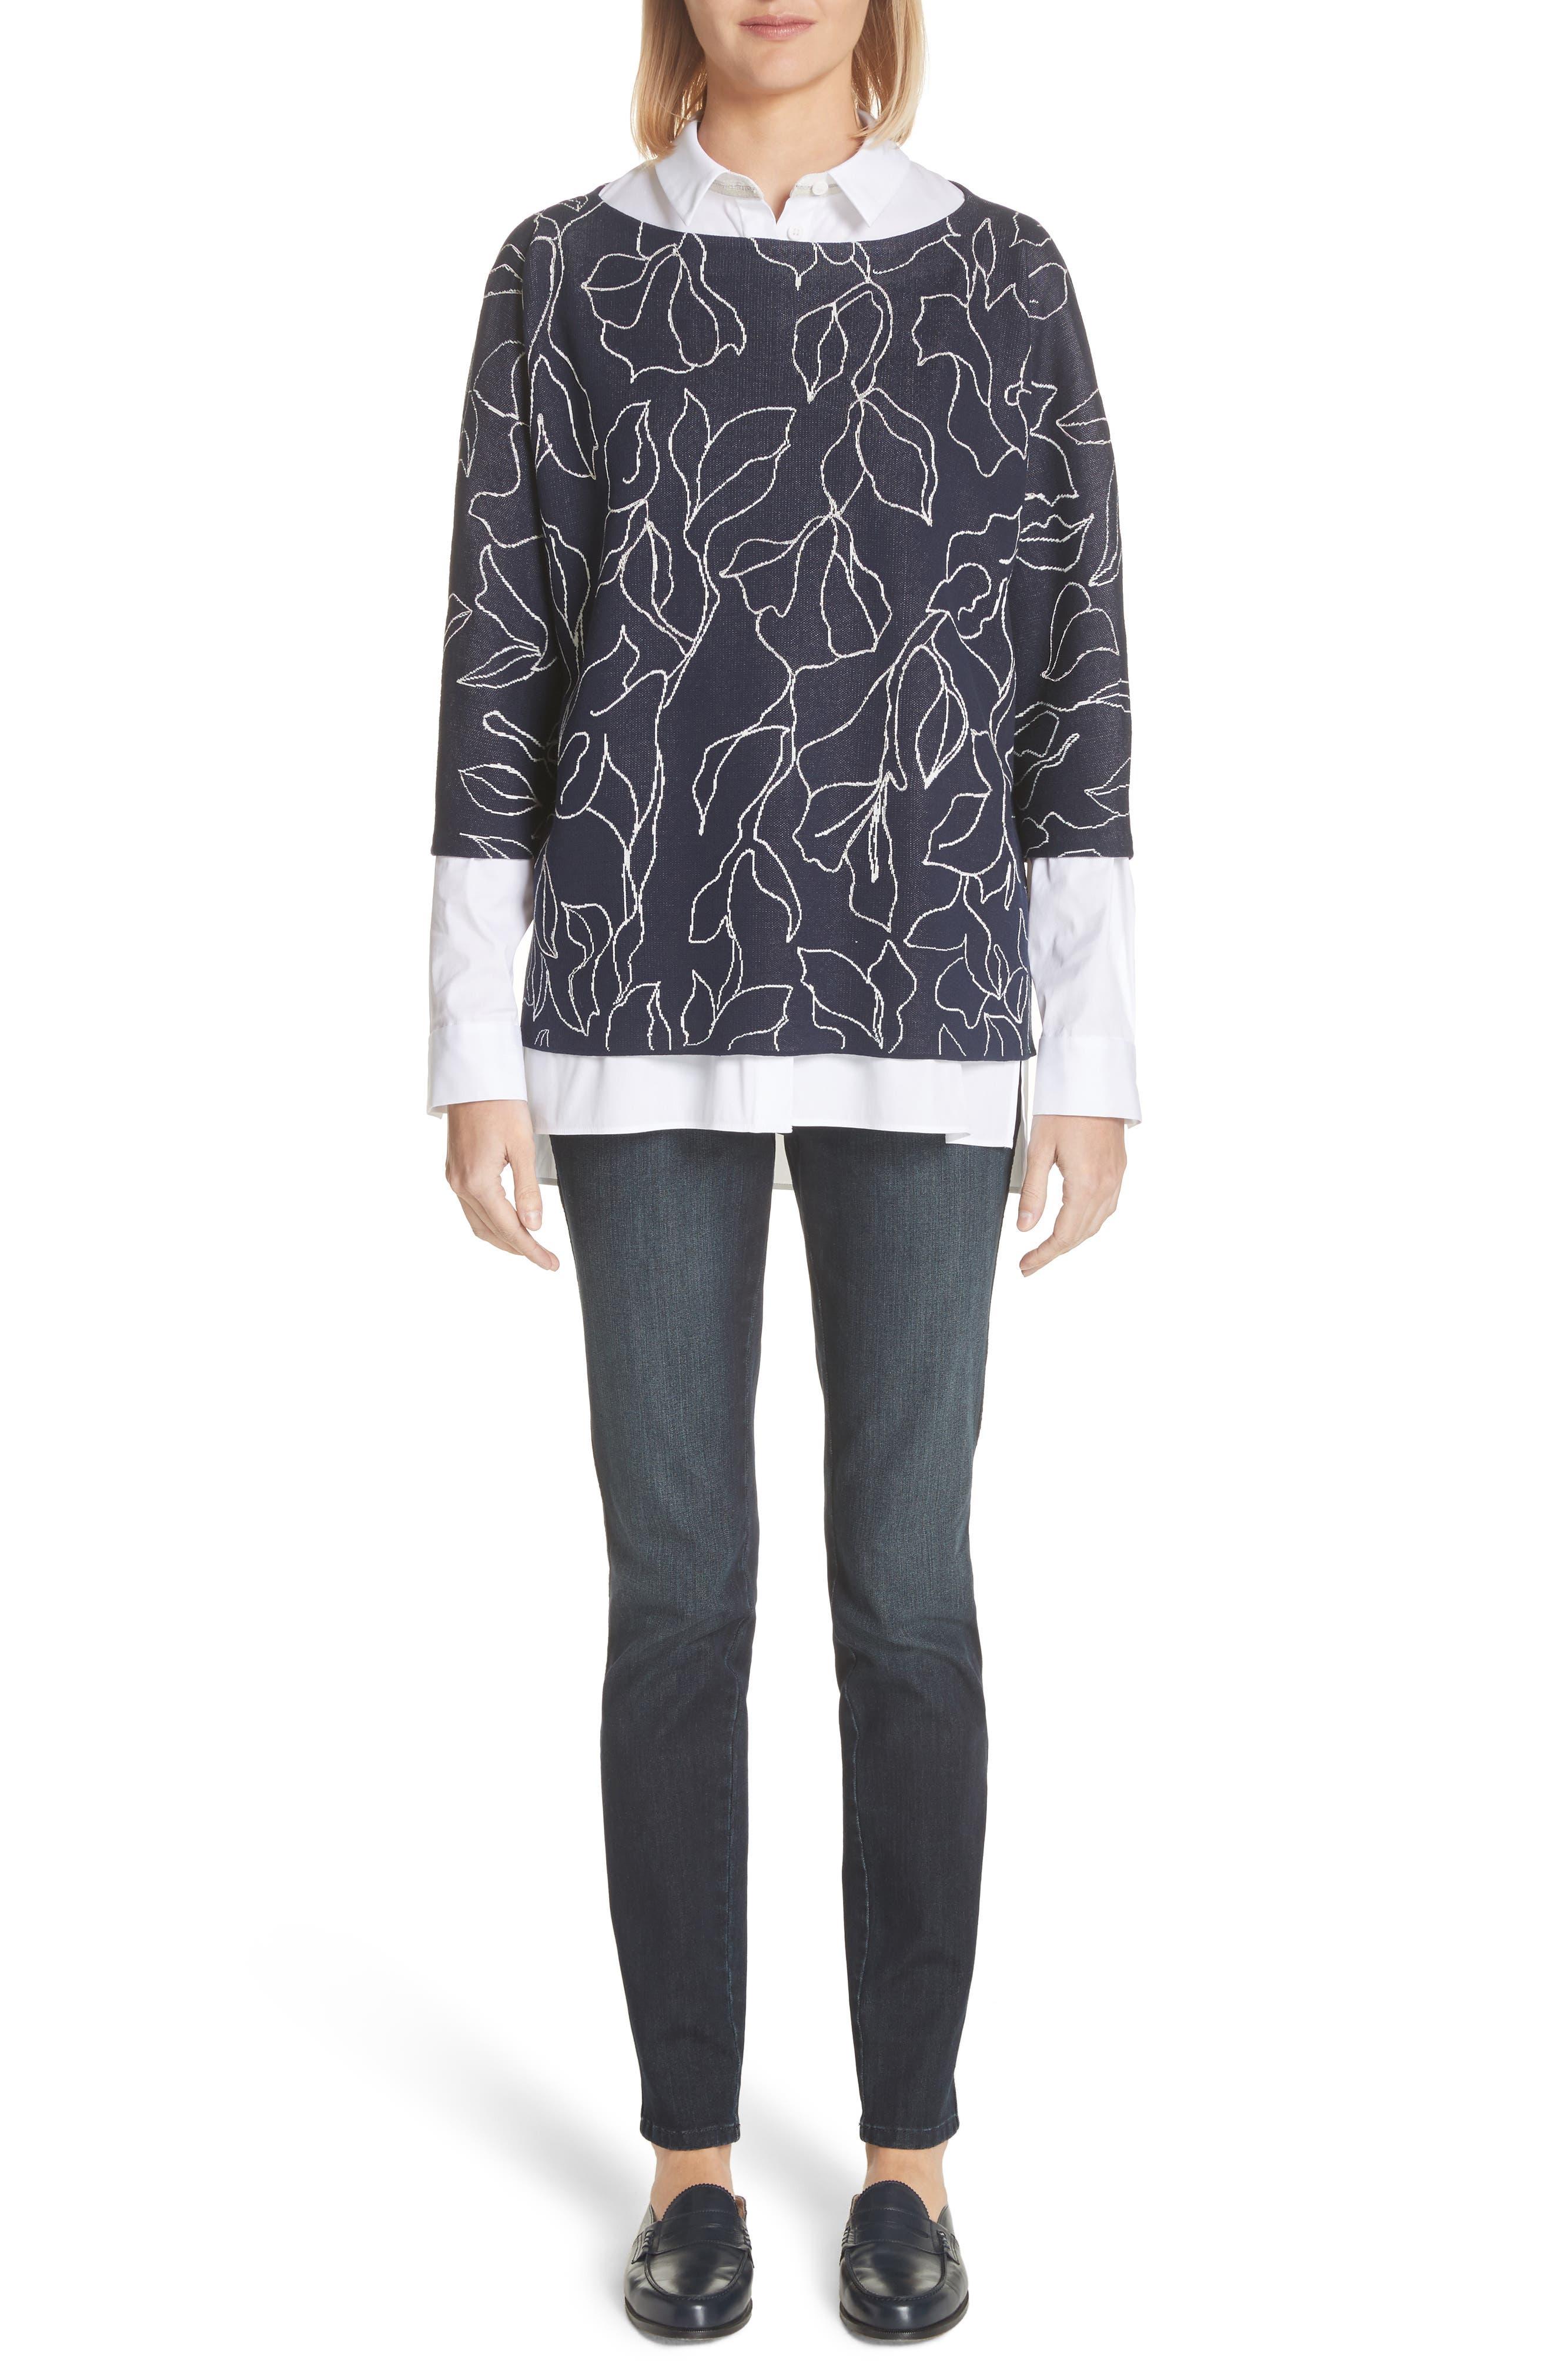 Mercer Skinny Jeans,                             Alternate thumbnail 8, color,                             Indigo